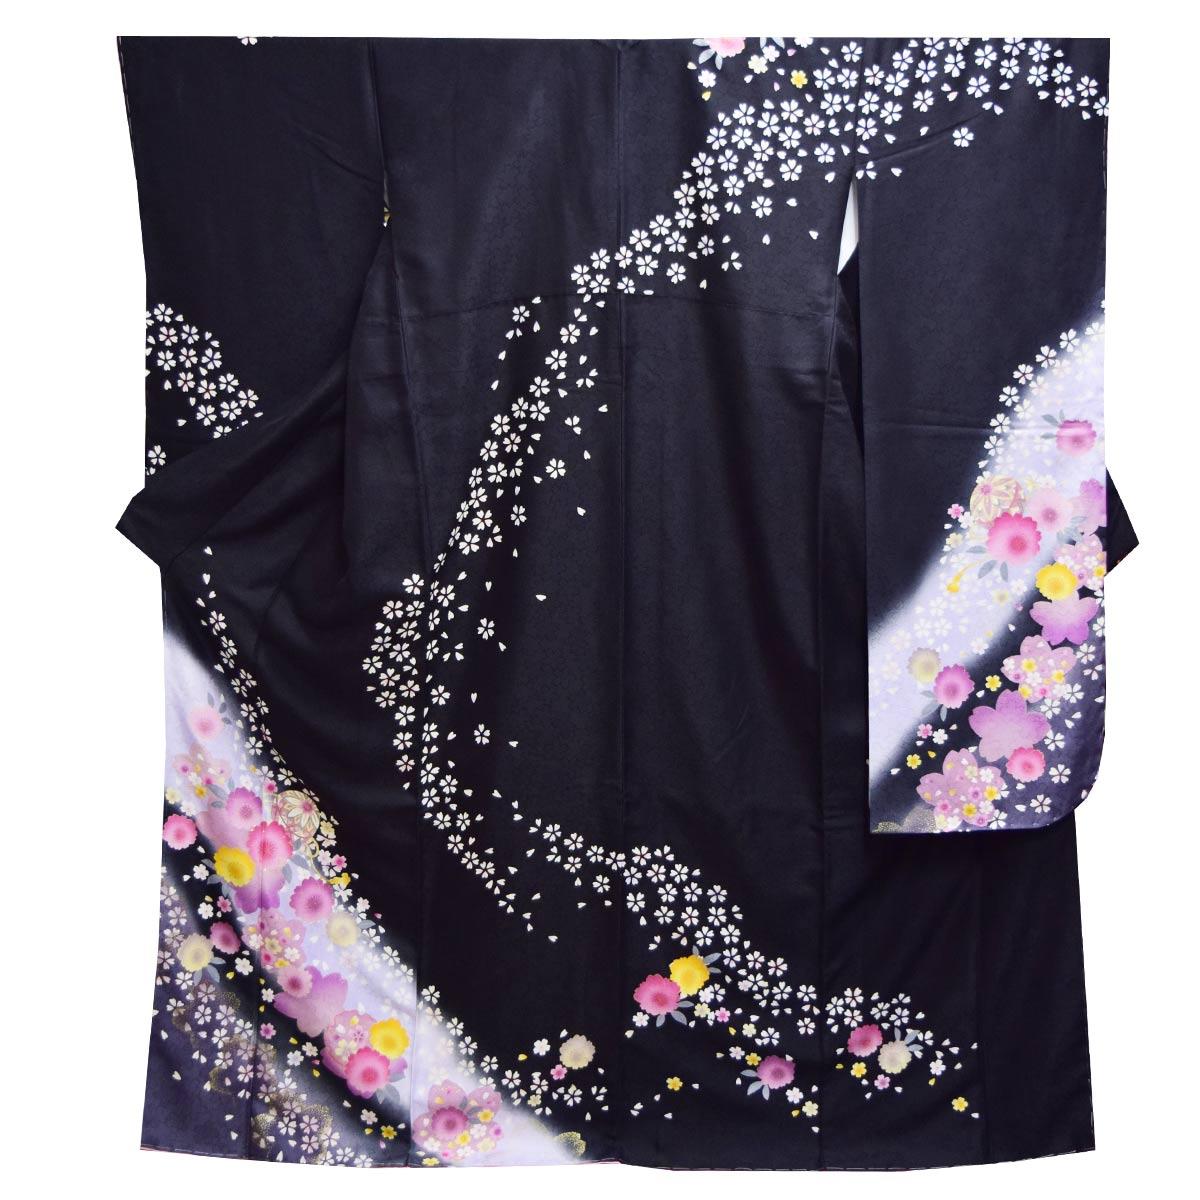 《30%オフクーポン利用可》お買い物マラソン高級 仕立て上がり 振袖 単品成人式 結婚式 パーティー 礼装 黒 ピンク 桜 毬 花柄番号d401-7